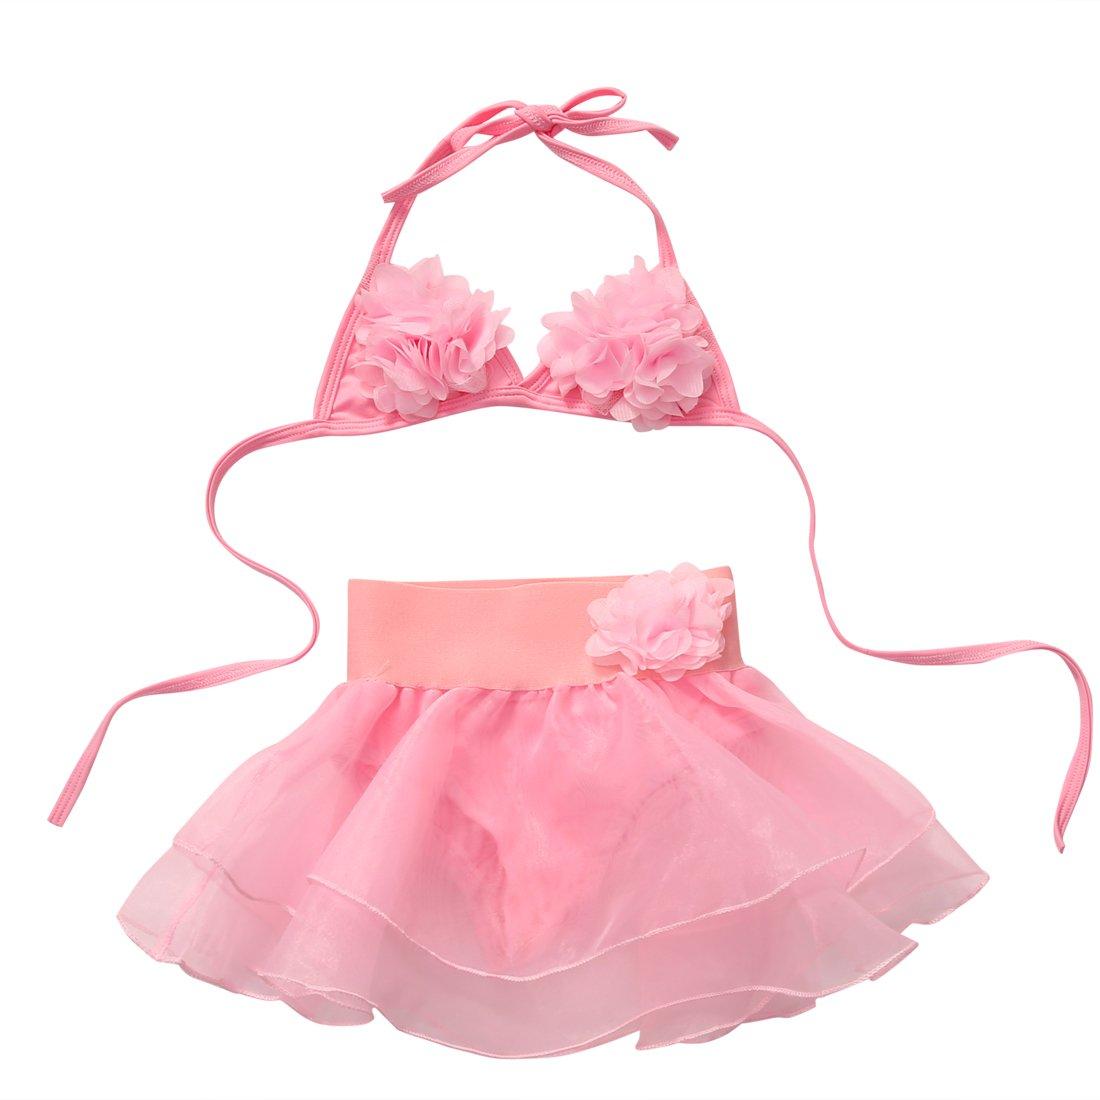 Carolilly Maillot de Bain B/éb/é Fille//Fillette Bikini Florale Enfant de 2 Pi/èces Top Triangle Culotte Jupe en Tulle